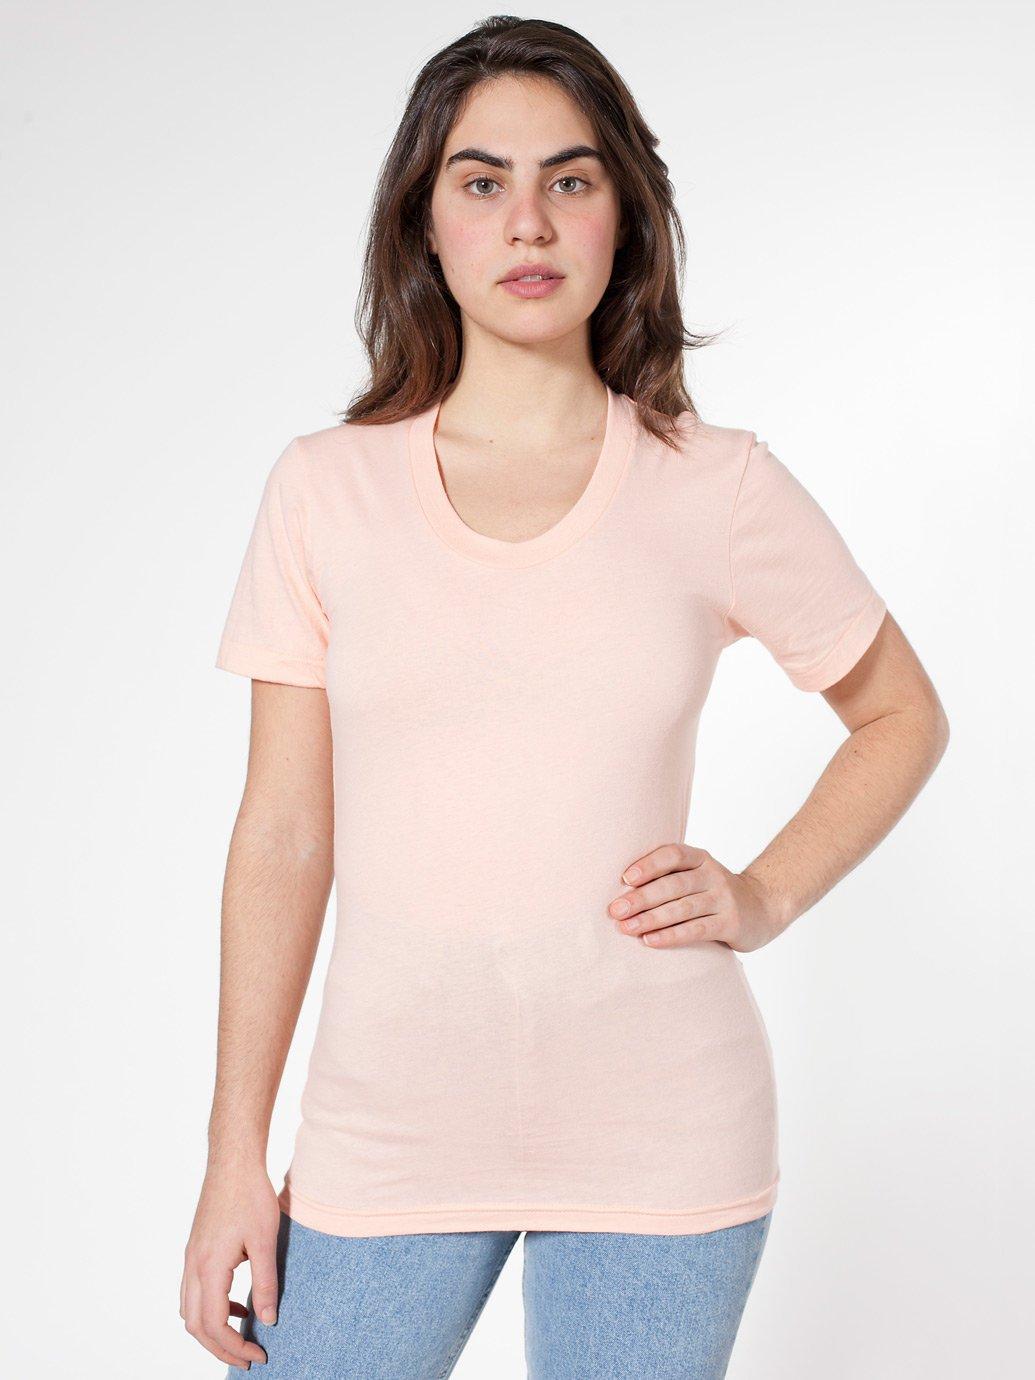 American apparel sheer loose crew summer t shirt evan for American apparel mesh shirt